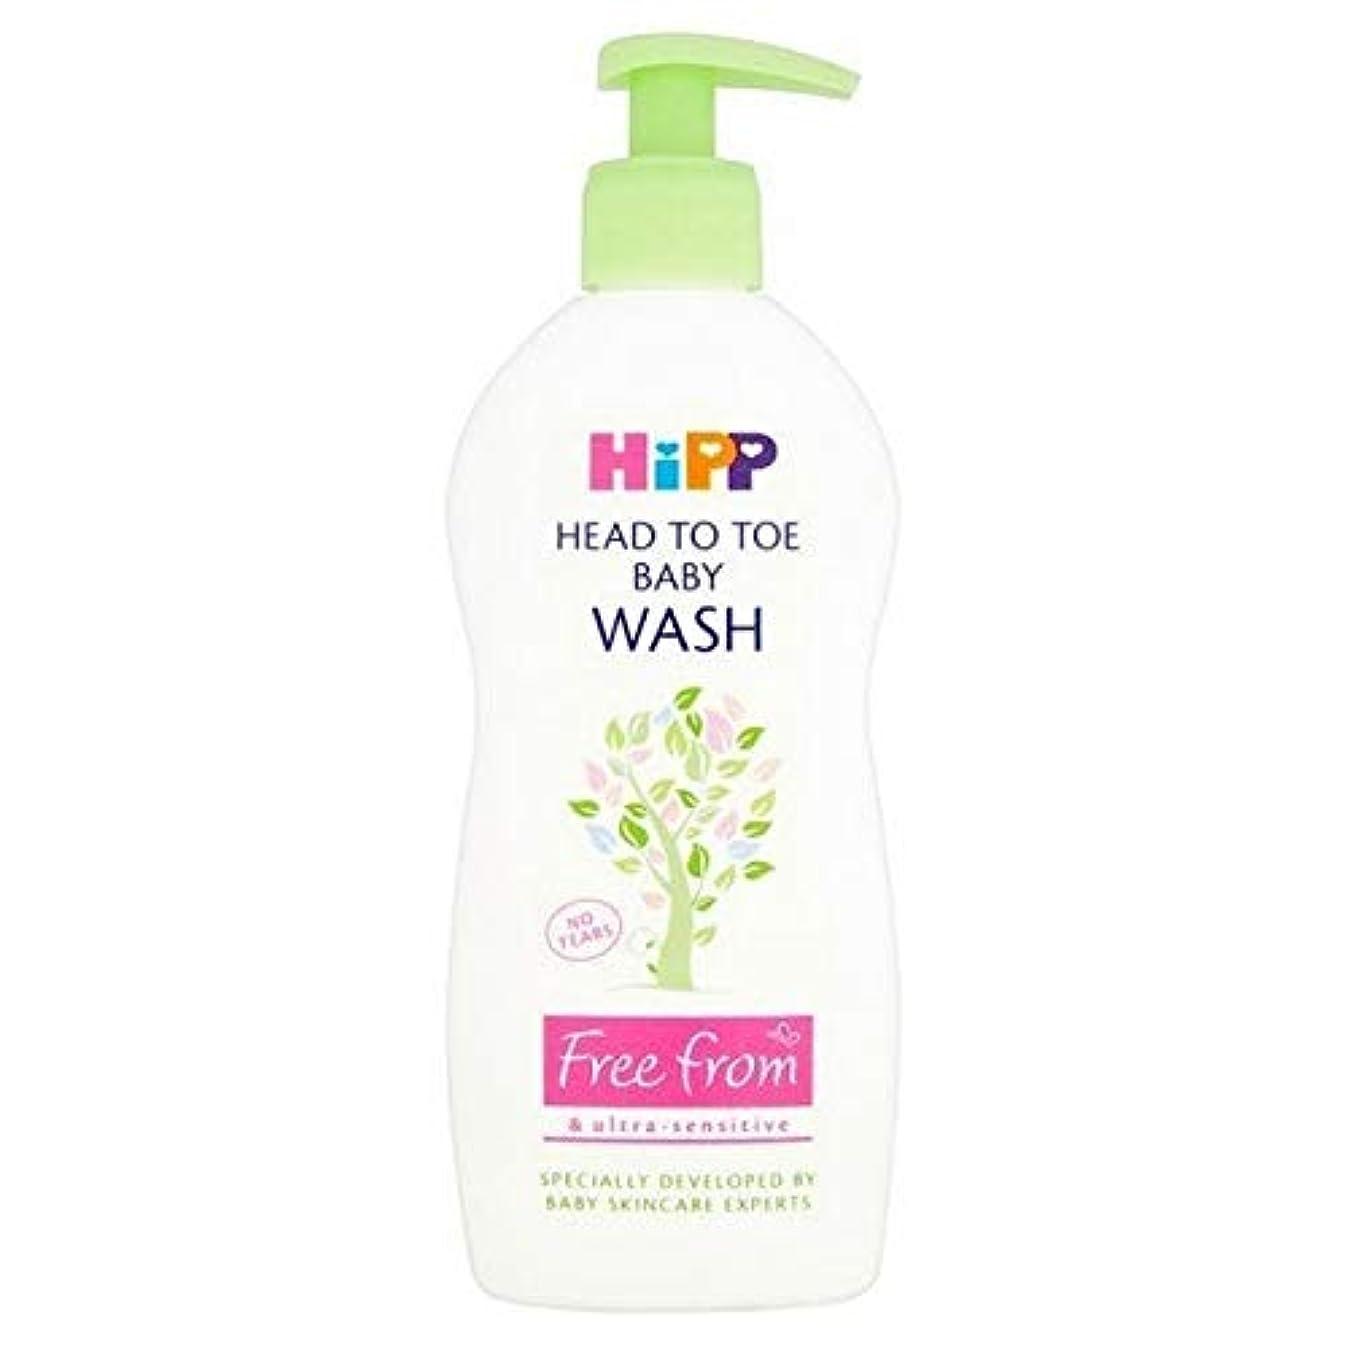 反対にカメボーカル[Hipp ] 頭からつま先洗浄400ミリリットルにヒップ無料 - HiPP Free From Head to Toe Wash 400ml [並行輸入品]